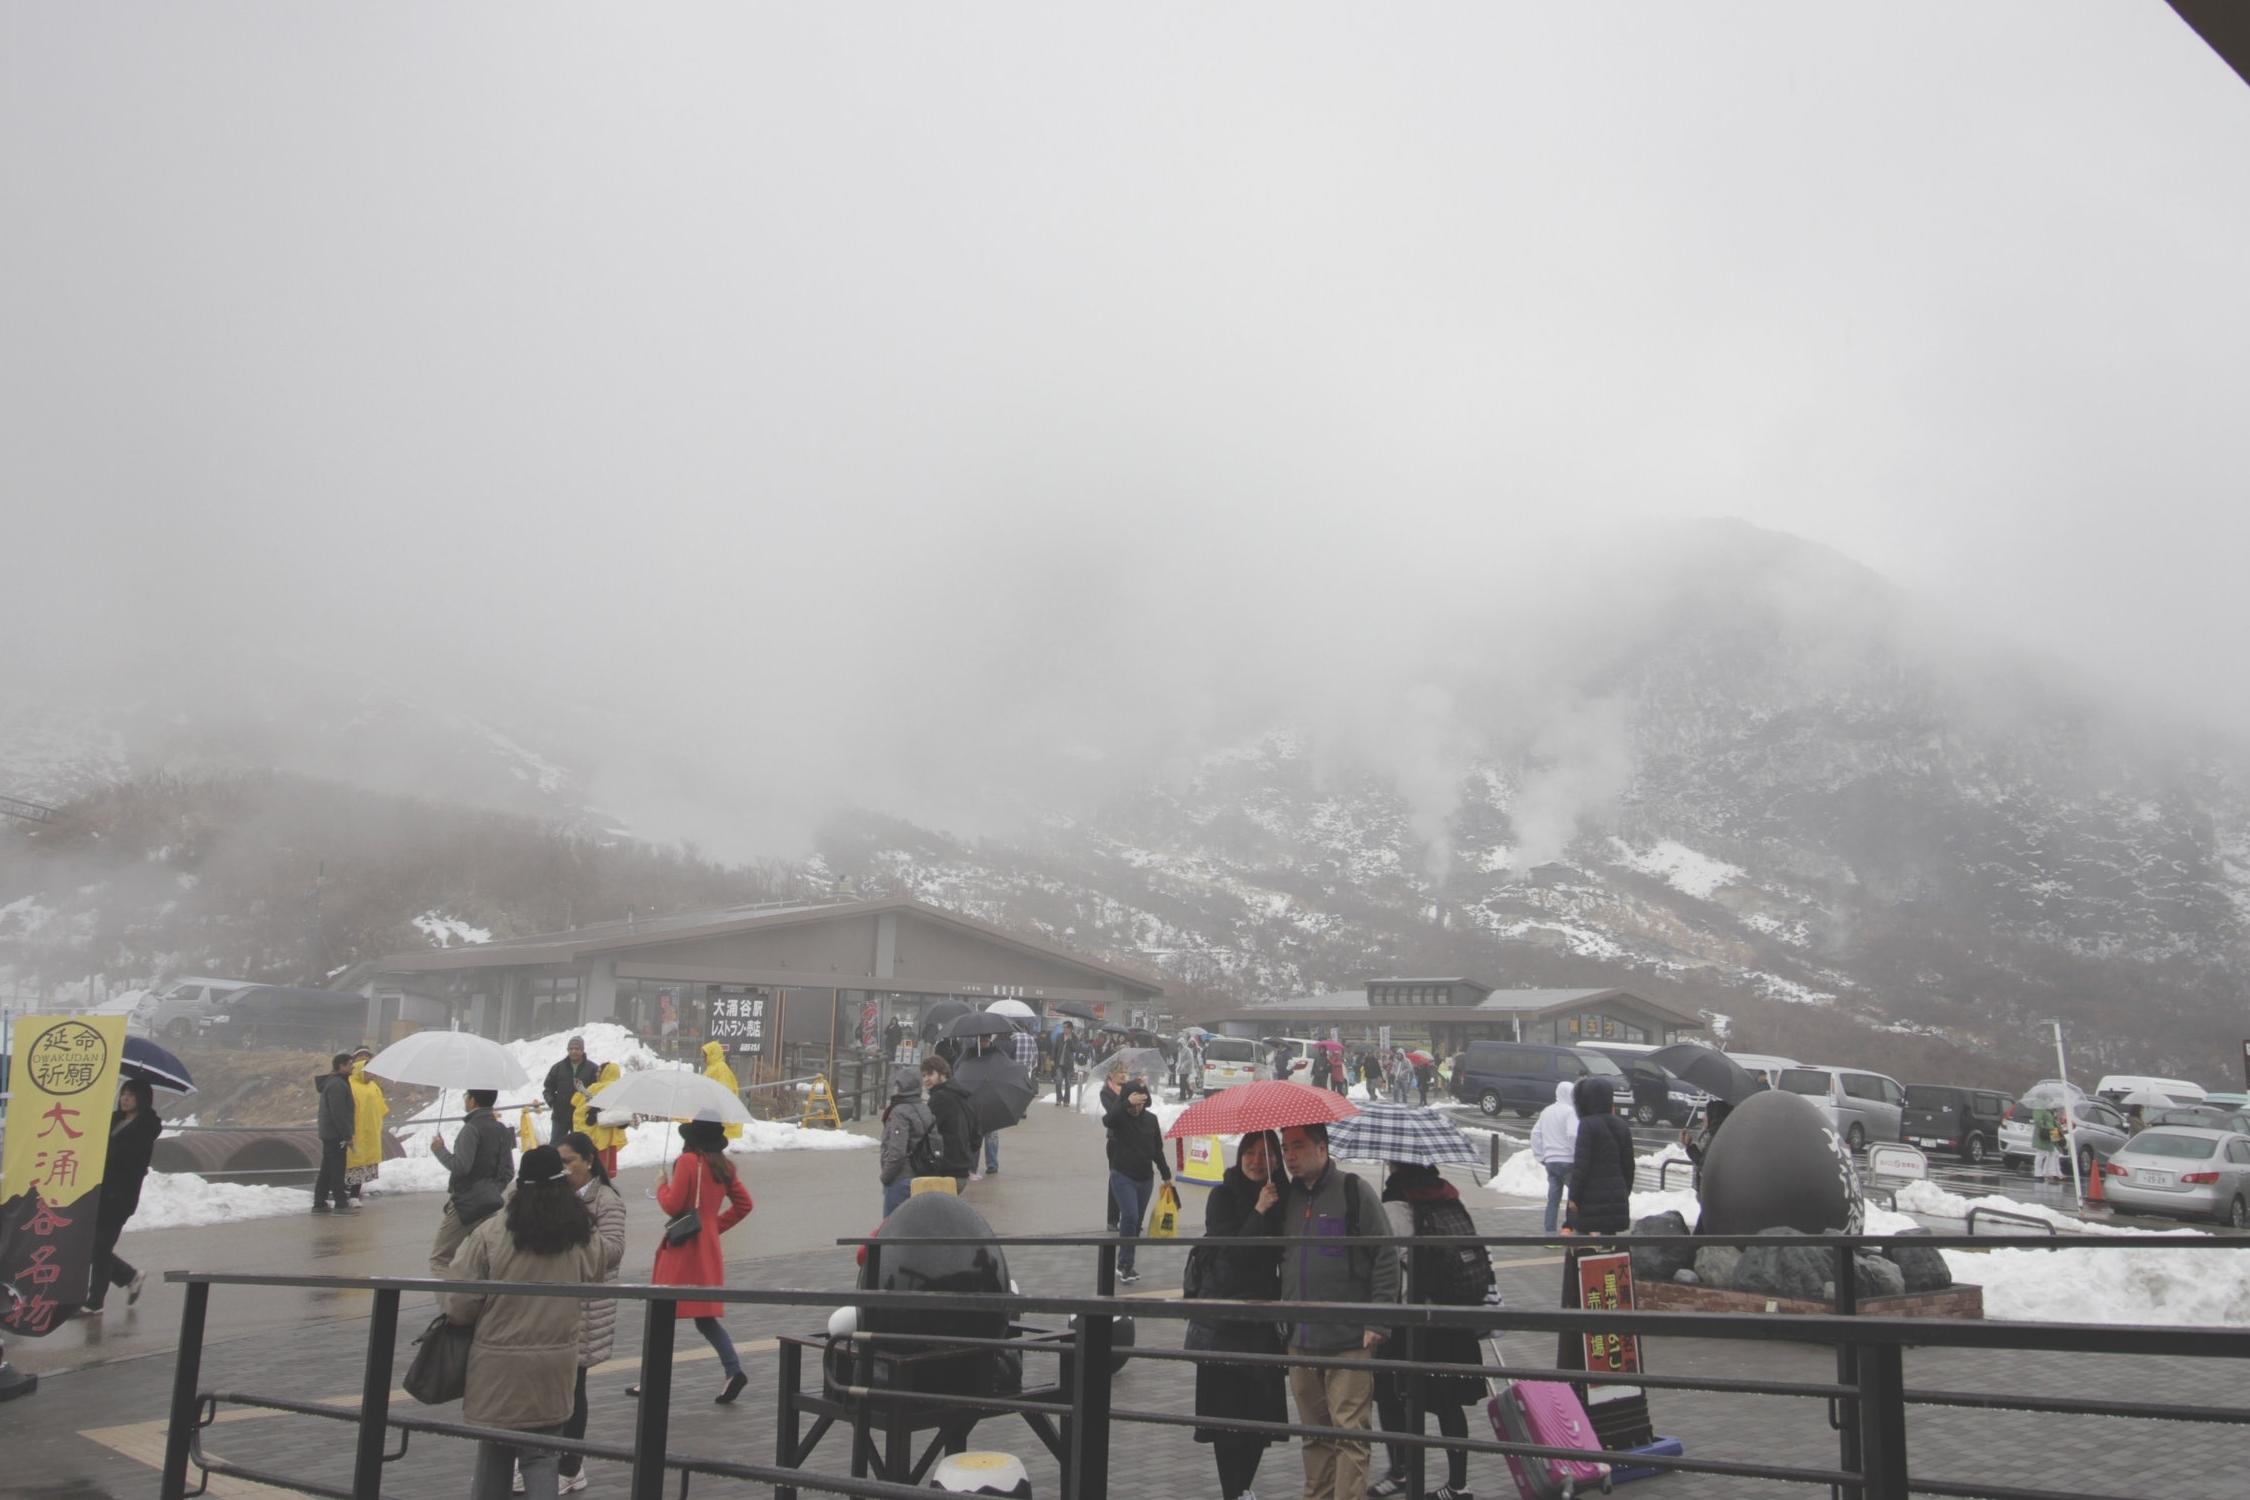 Em frente a loja de souvernis que há no topo do monte Hakone. Infelizmente o tempo estava horrível :(